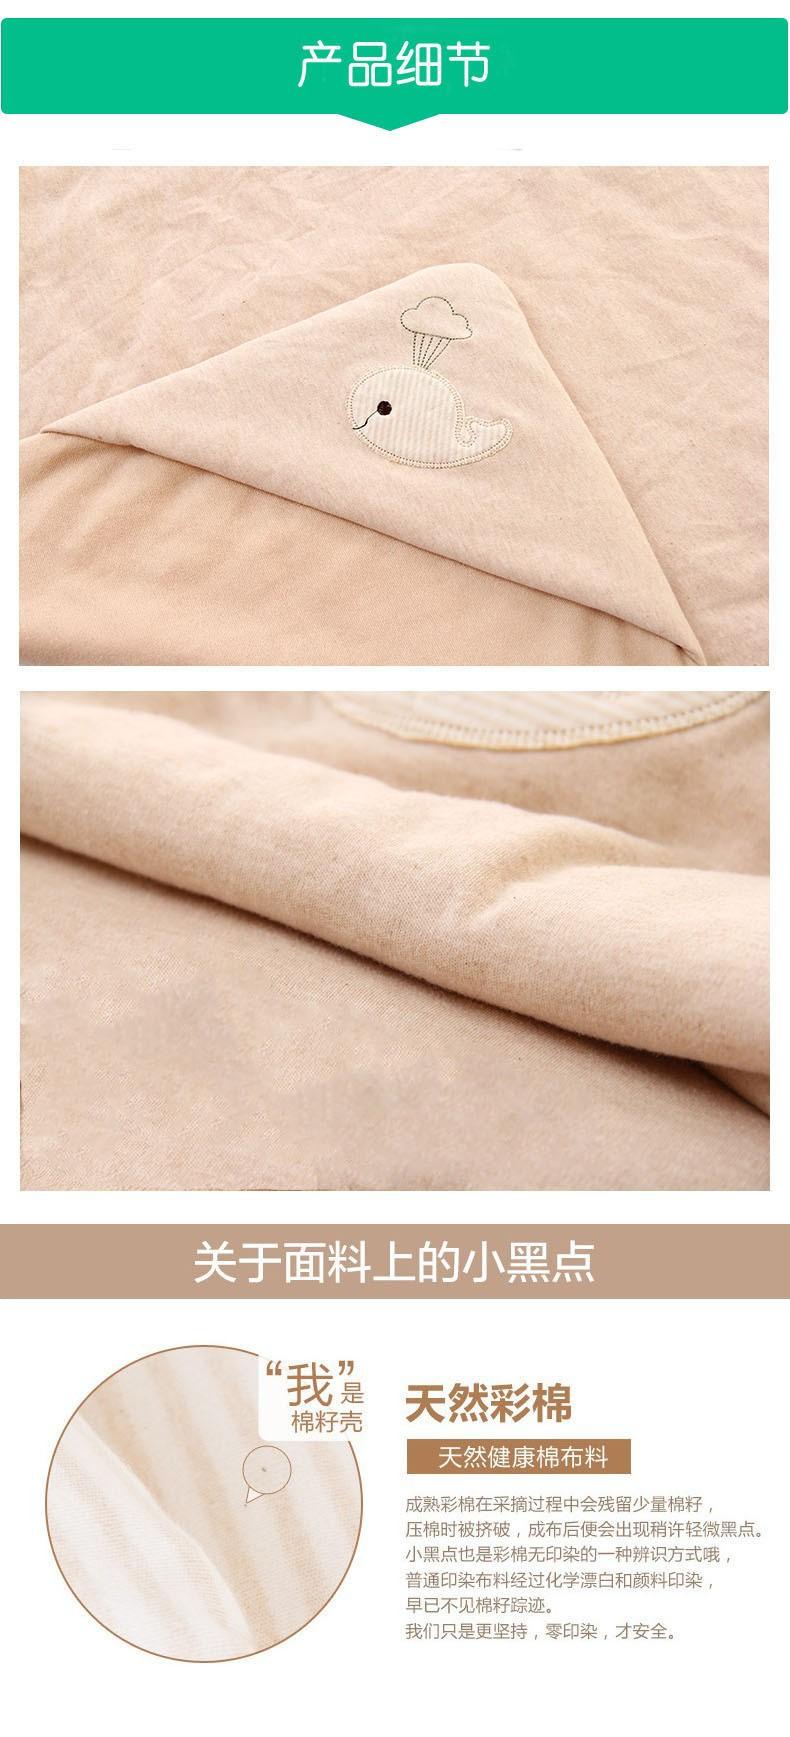 oversized sleeping bags (8)